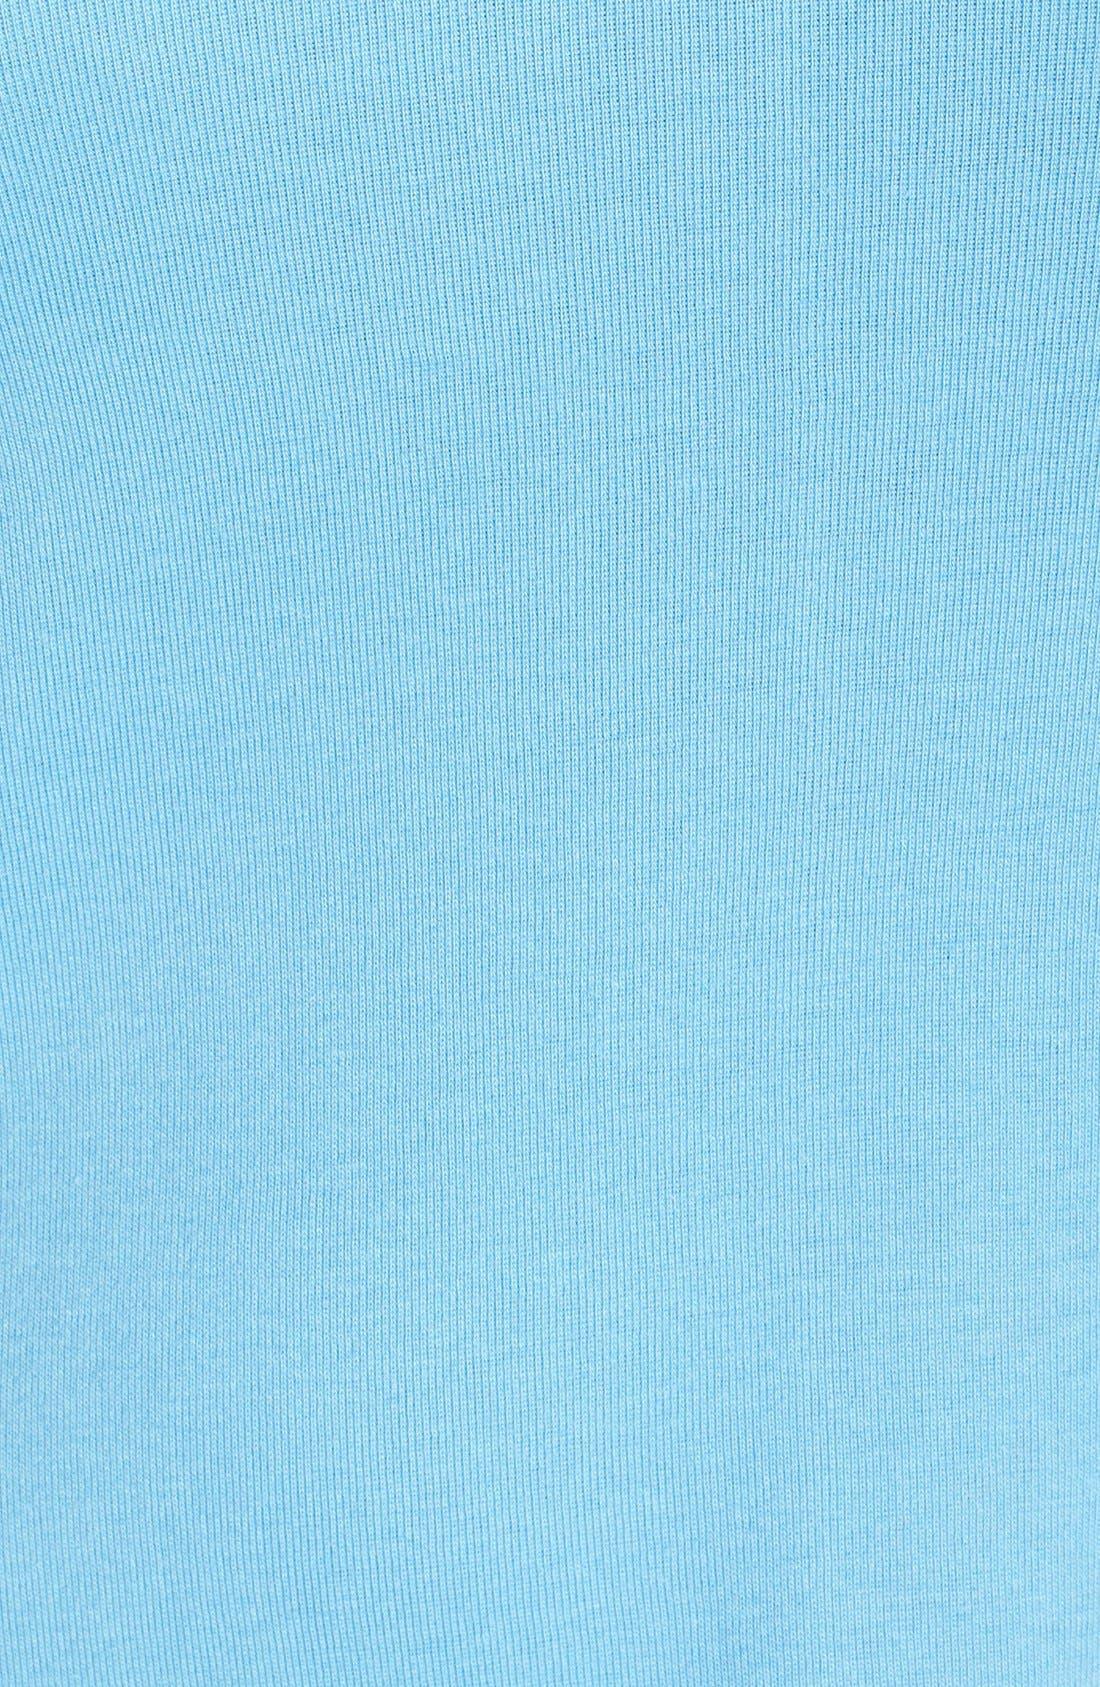 Short Sleeve V-Neck Tee,                             Alternate thumbnail 156, color,